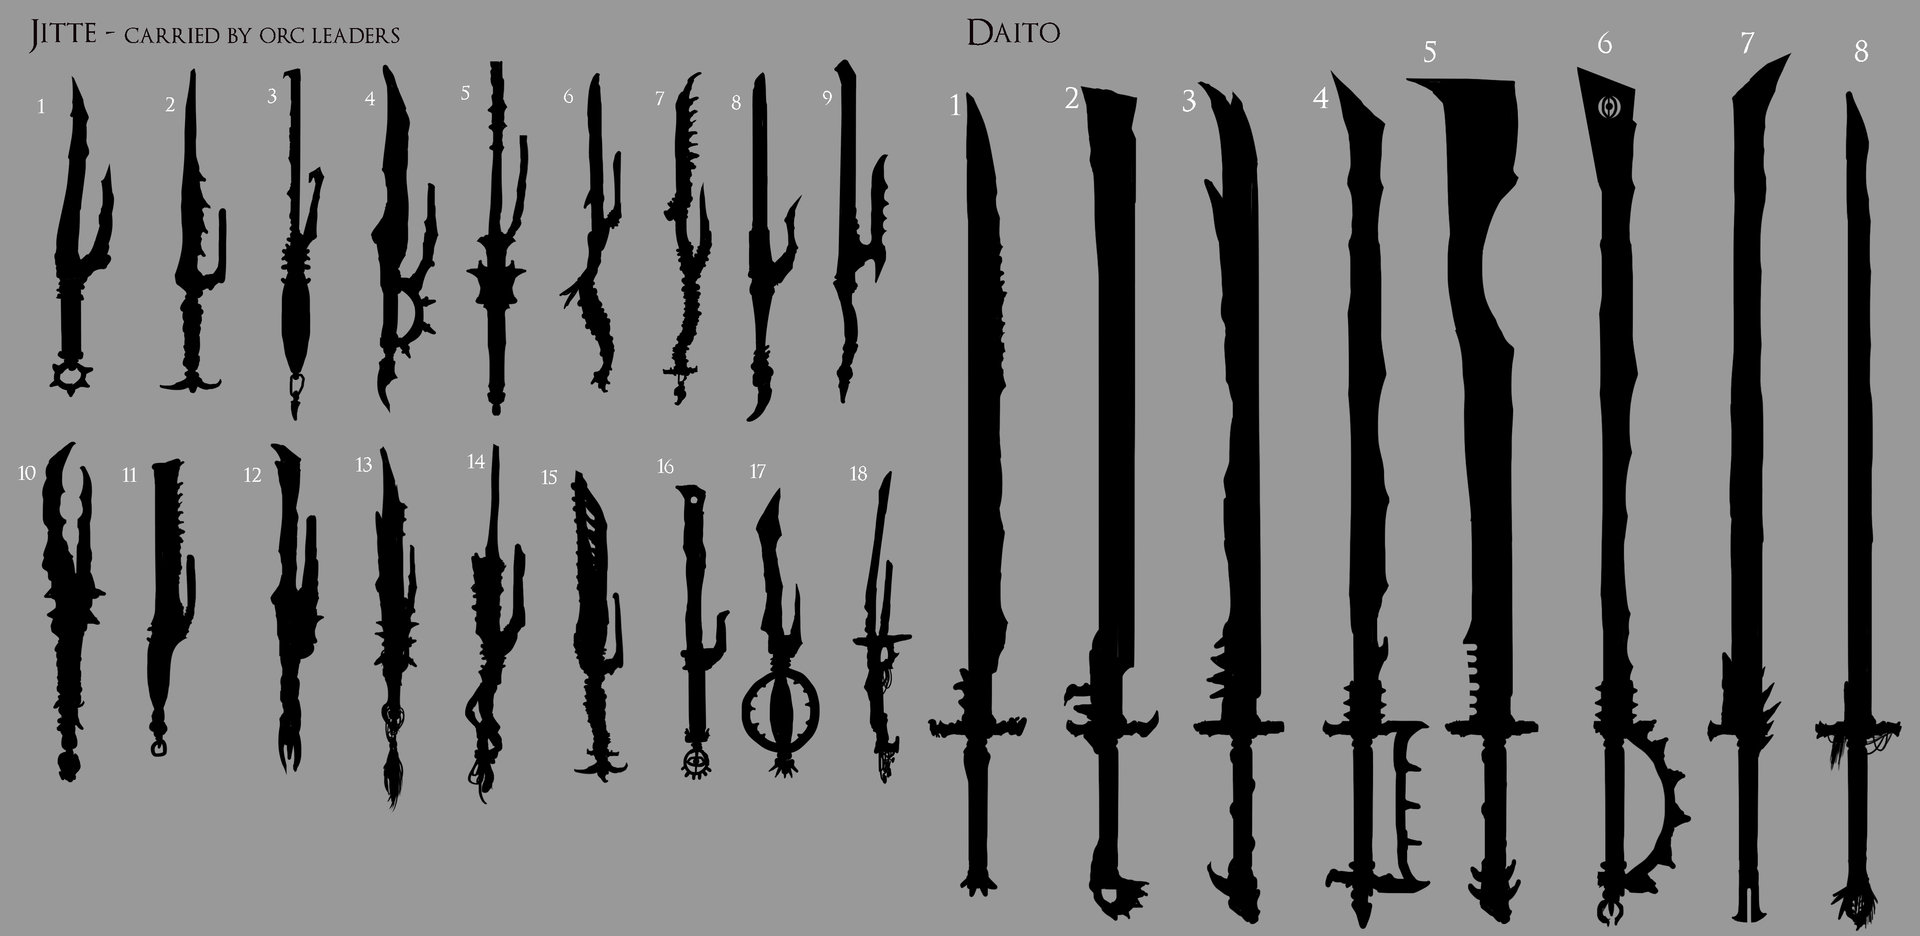 Chenthooran nambiarooran weapons 1